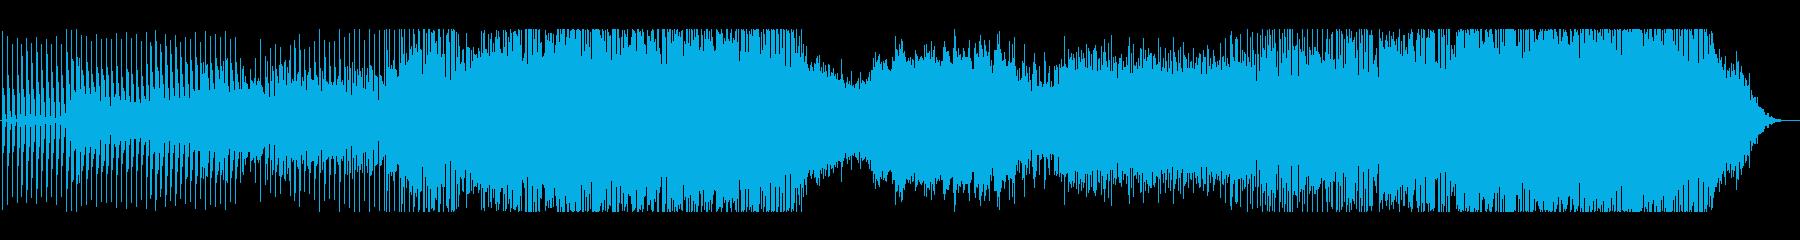 ドライブ感のあるBig Room的EDMの再生済みの波形